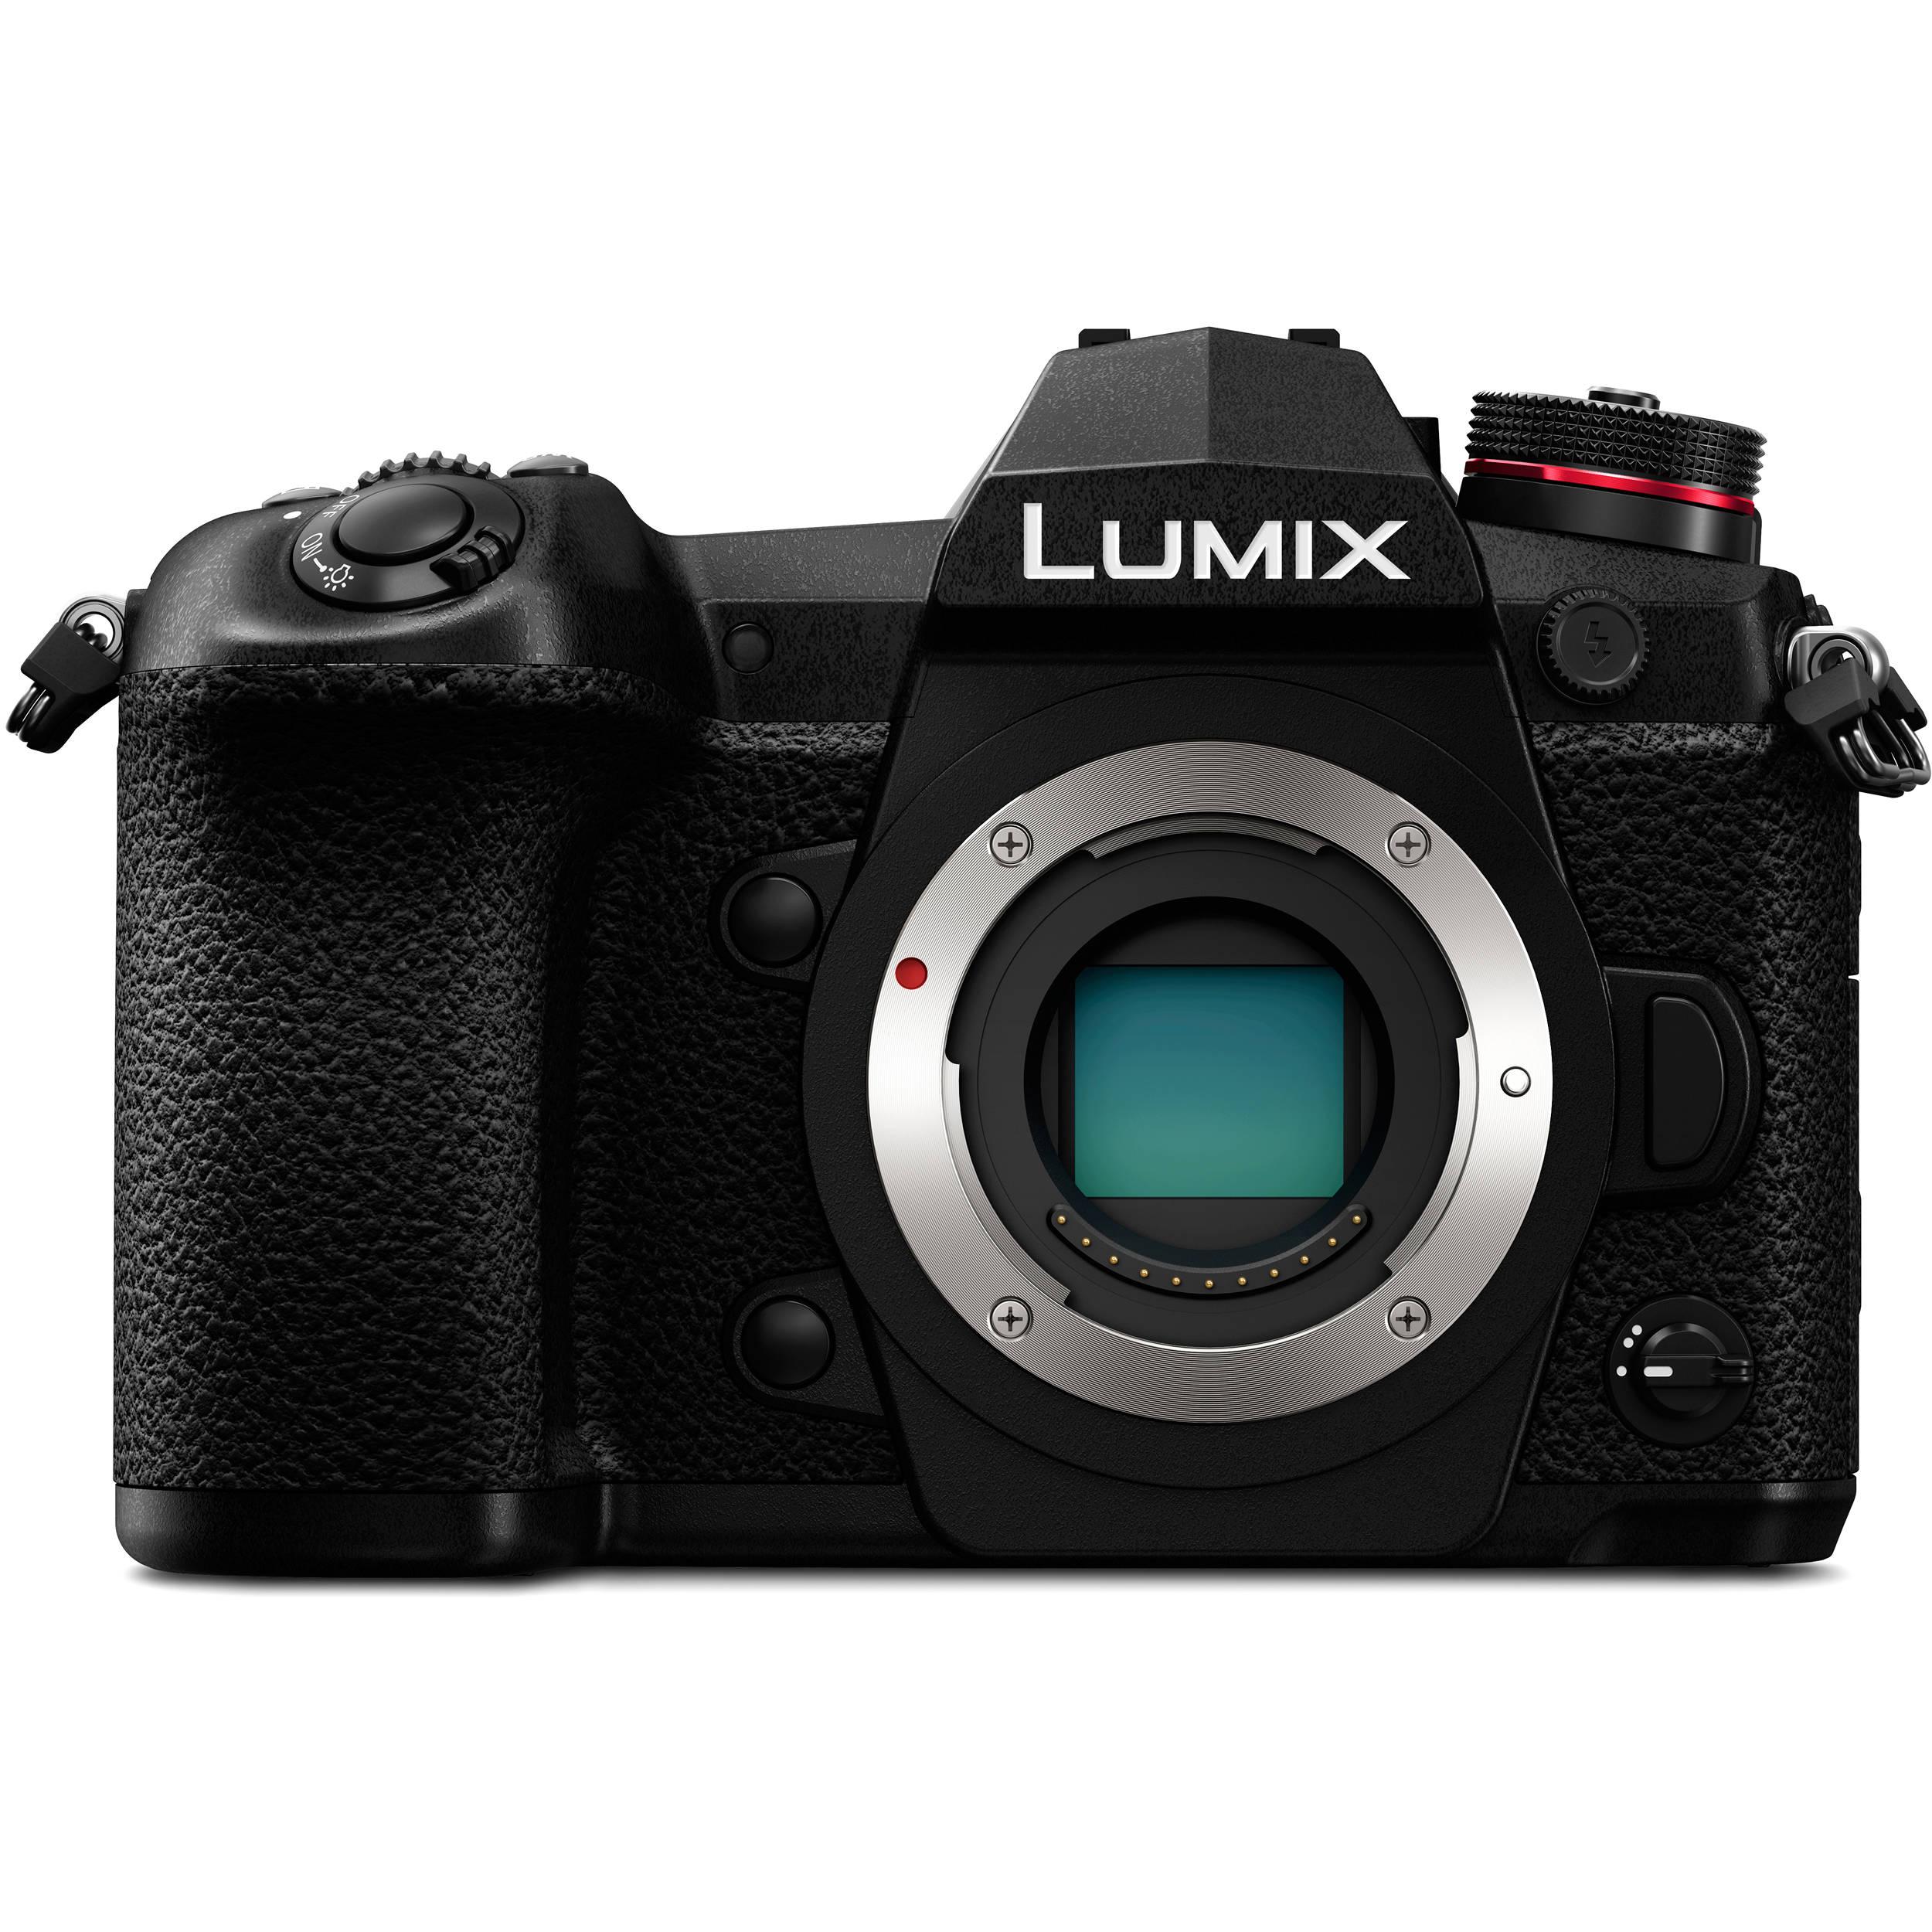 lumix g9